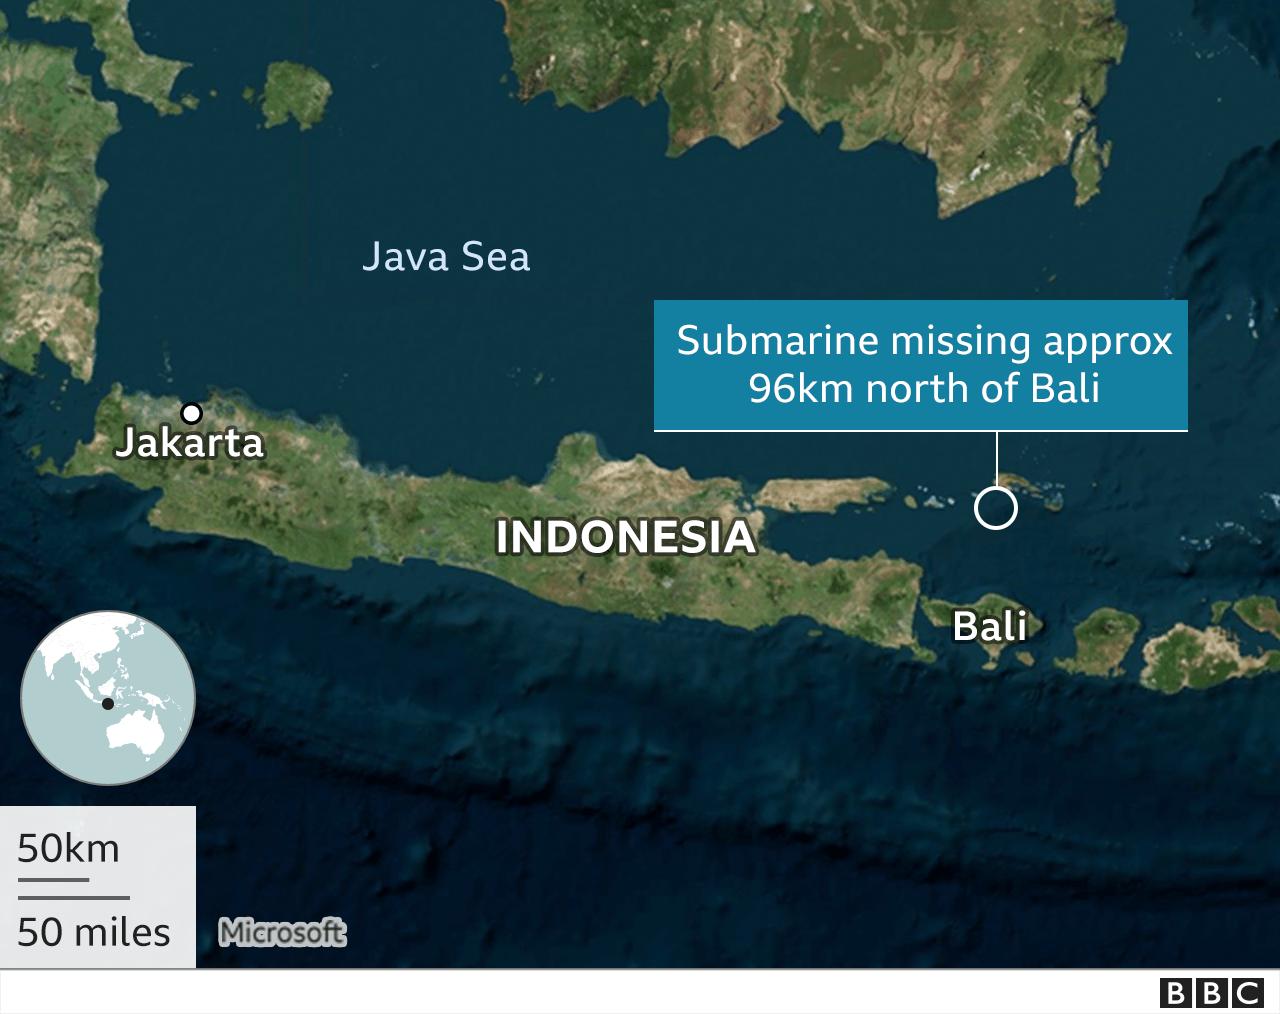 အင်ဒိုနီးရှား၊ ရေငုပ်သင်္ဘော၊ ပျောက်ဆုံး